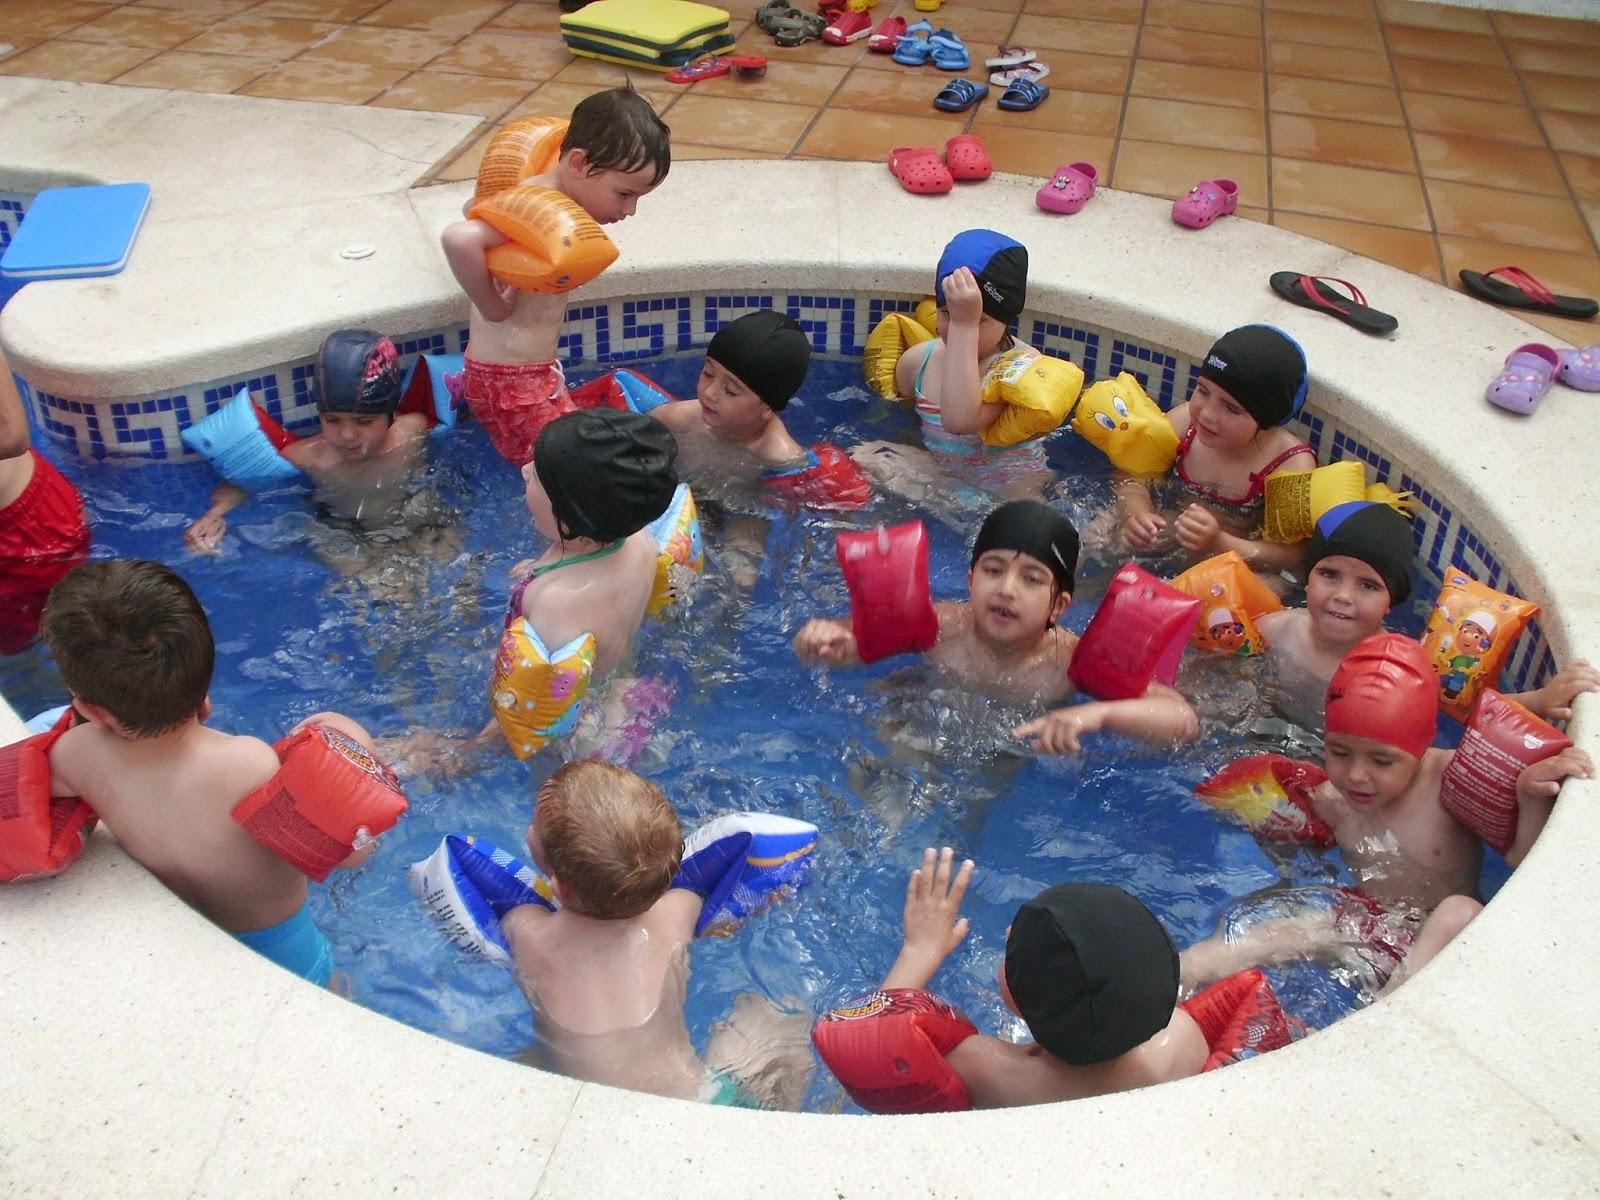 Cra celumbres activitats a la piscina for Piscina jose garces